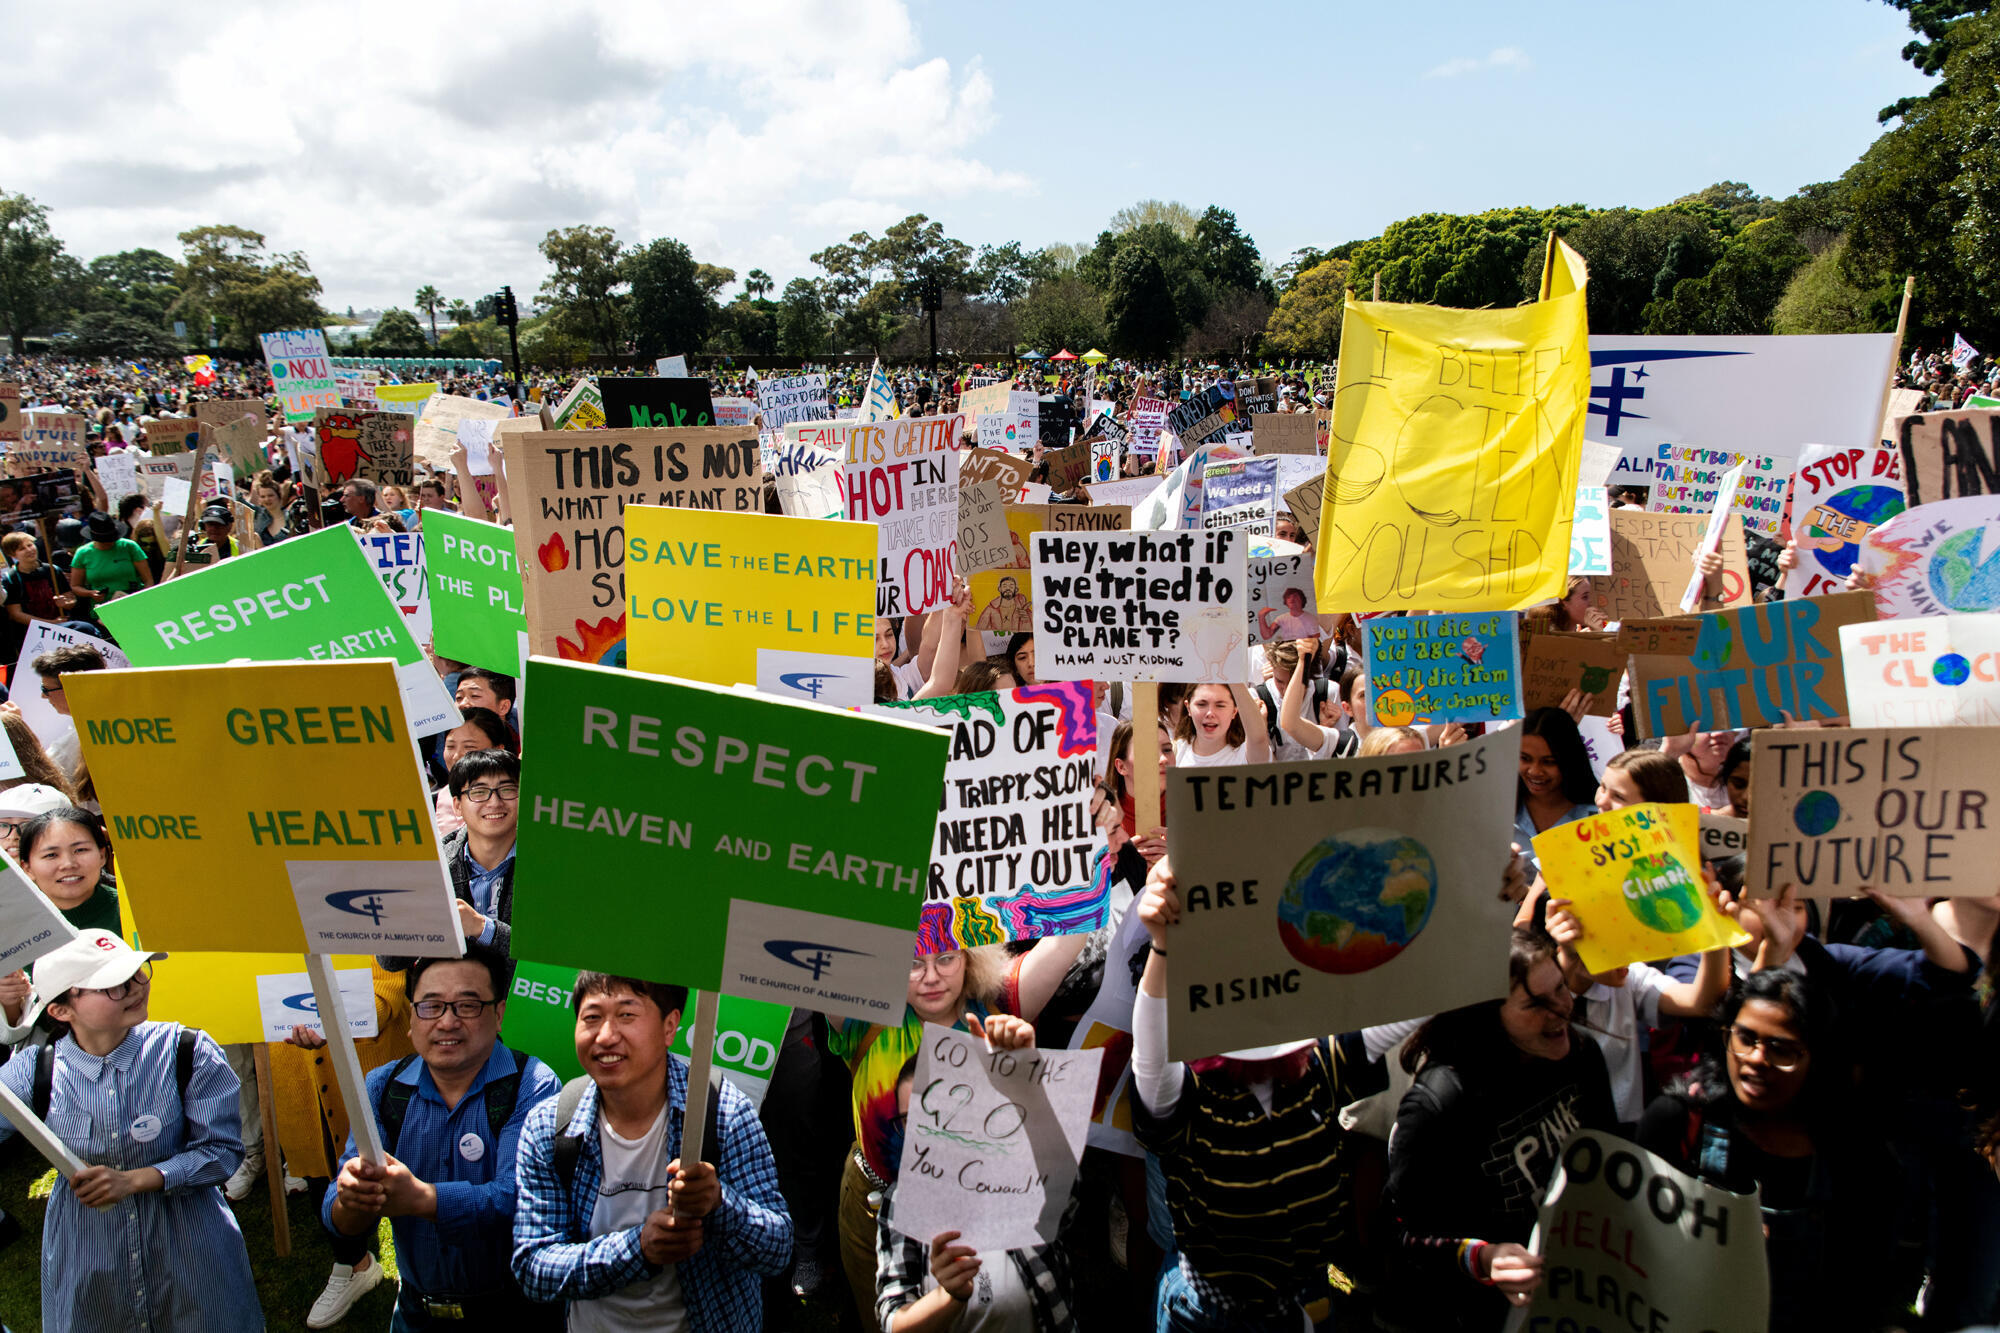 تظاهرات جهانی دانشآموزان برای مقابله با تغییرات اقلیمی در سیدنی